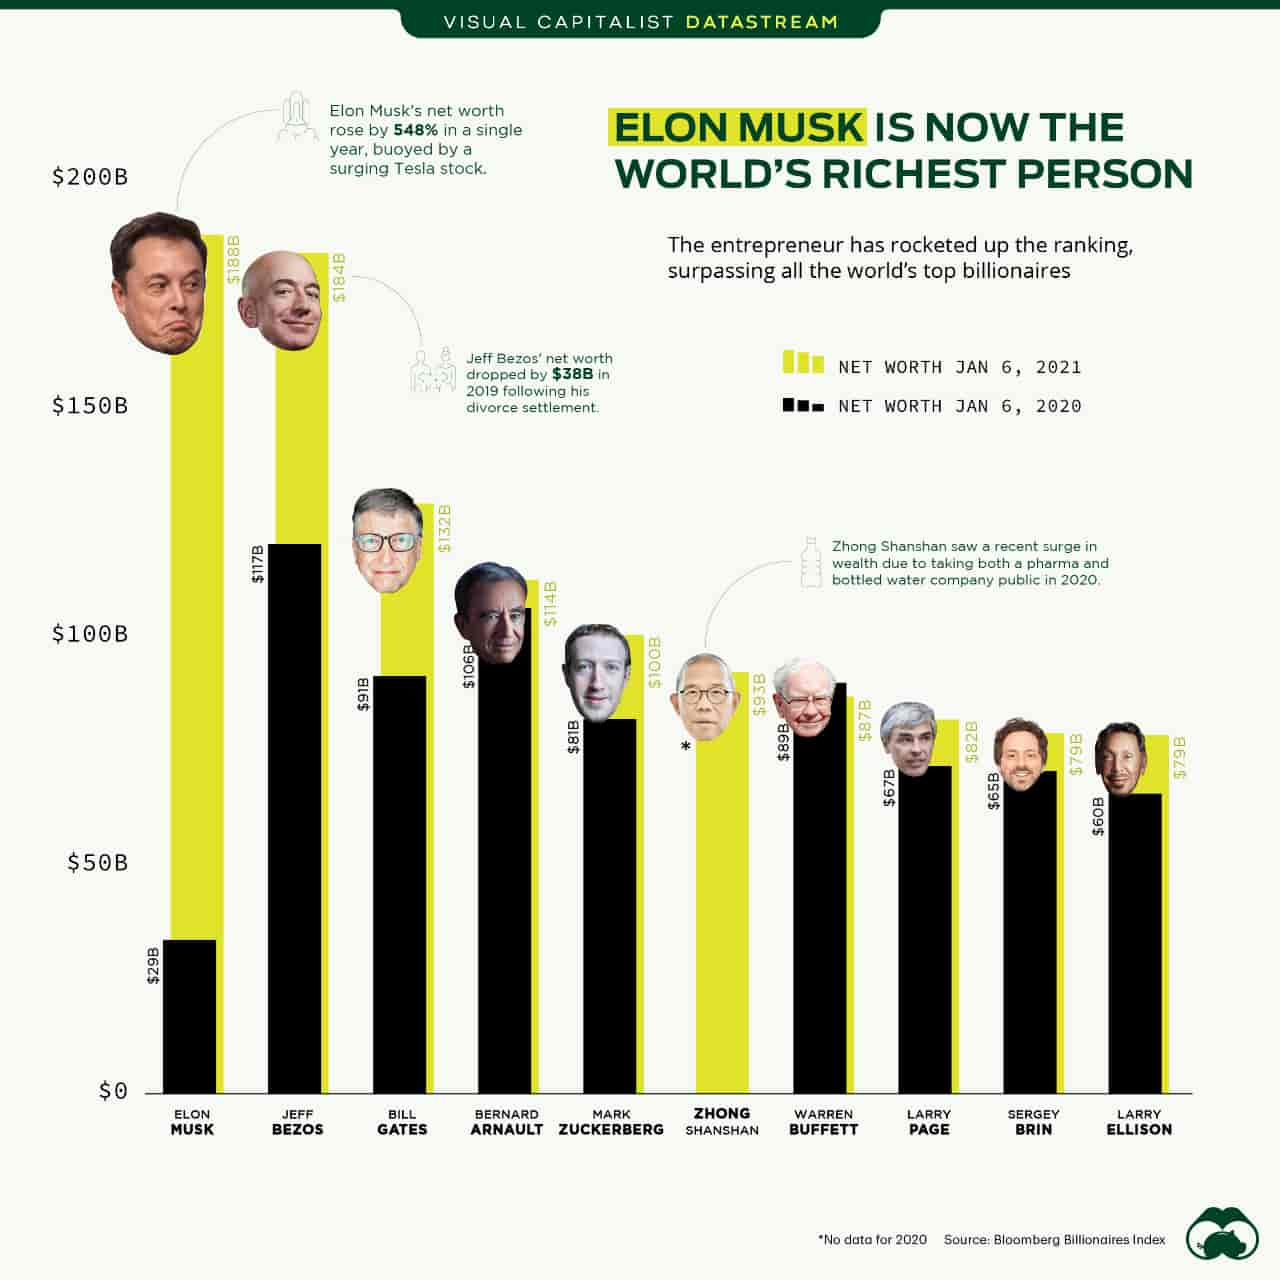 Ілон Маск посунув Джеффа Безоса з лідерів найбагатших людей світу